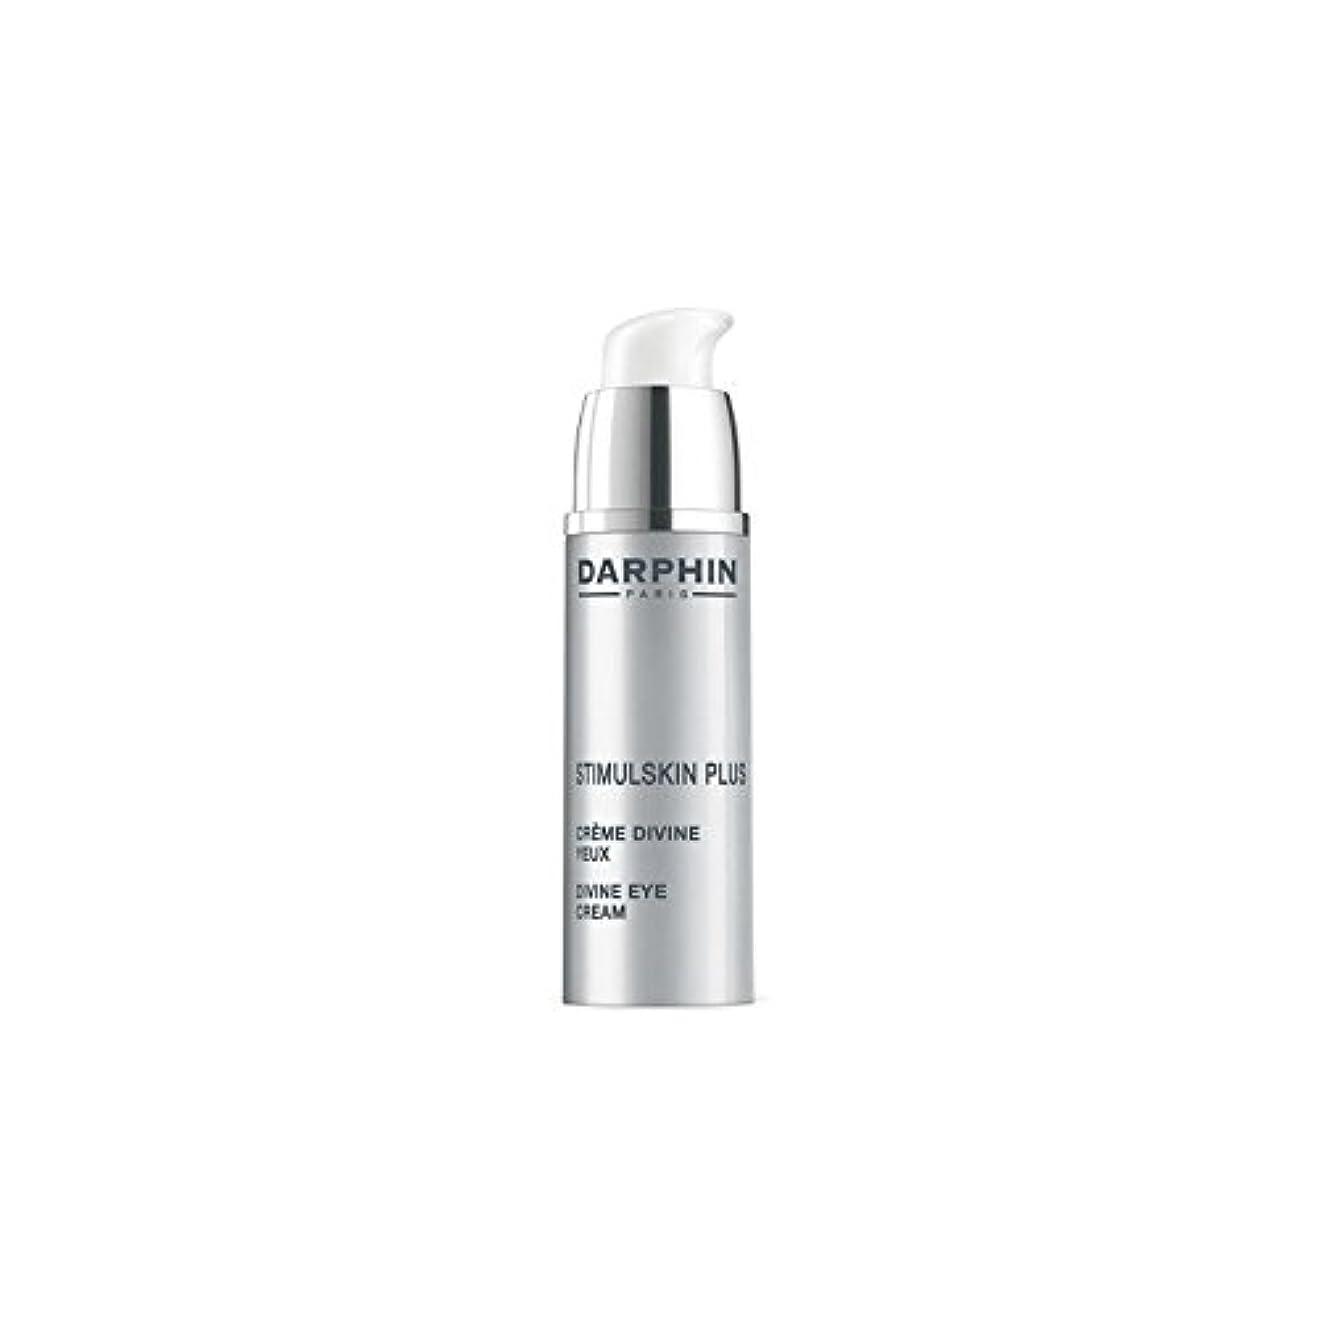 エンディング才能のある重々しいダルファンスティプラス神の照明アイクリーム(15ミリリットル) x4 - Darphin Stimulskin Plus Divine Illuminating Eye Cream (15ml) (Pack of 4)...